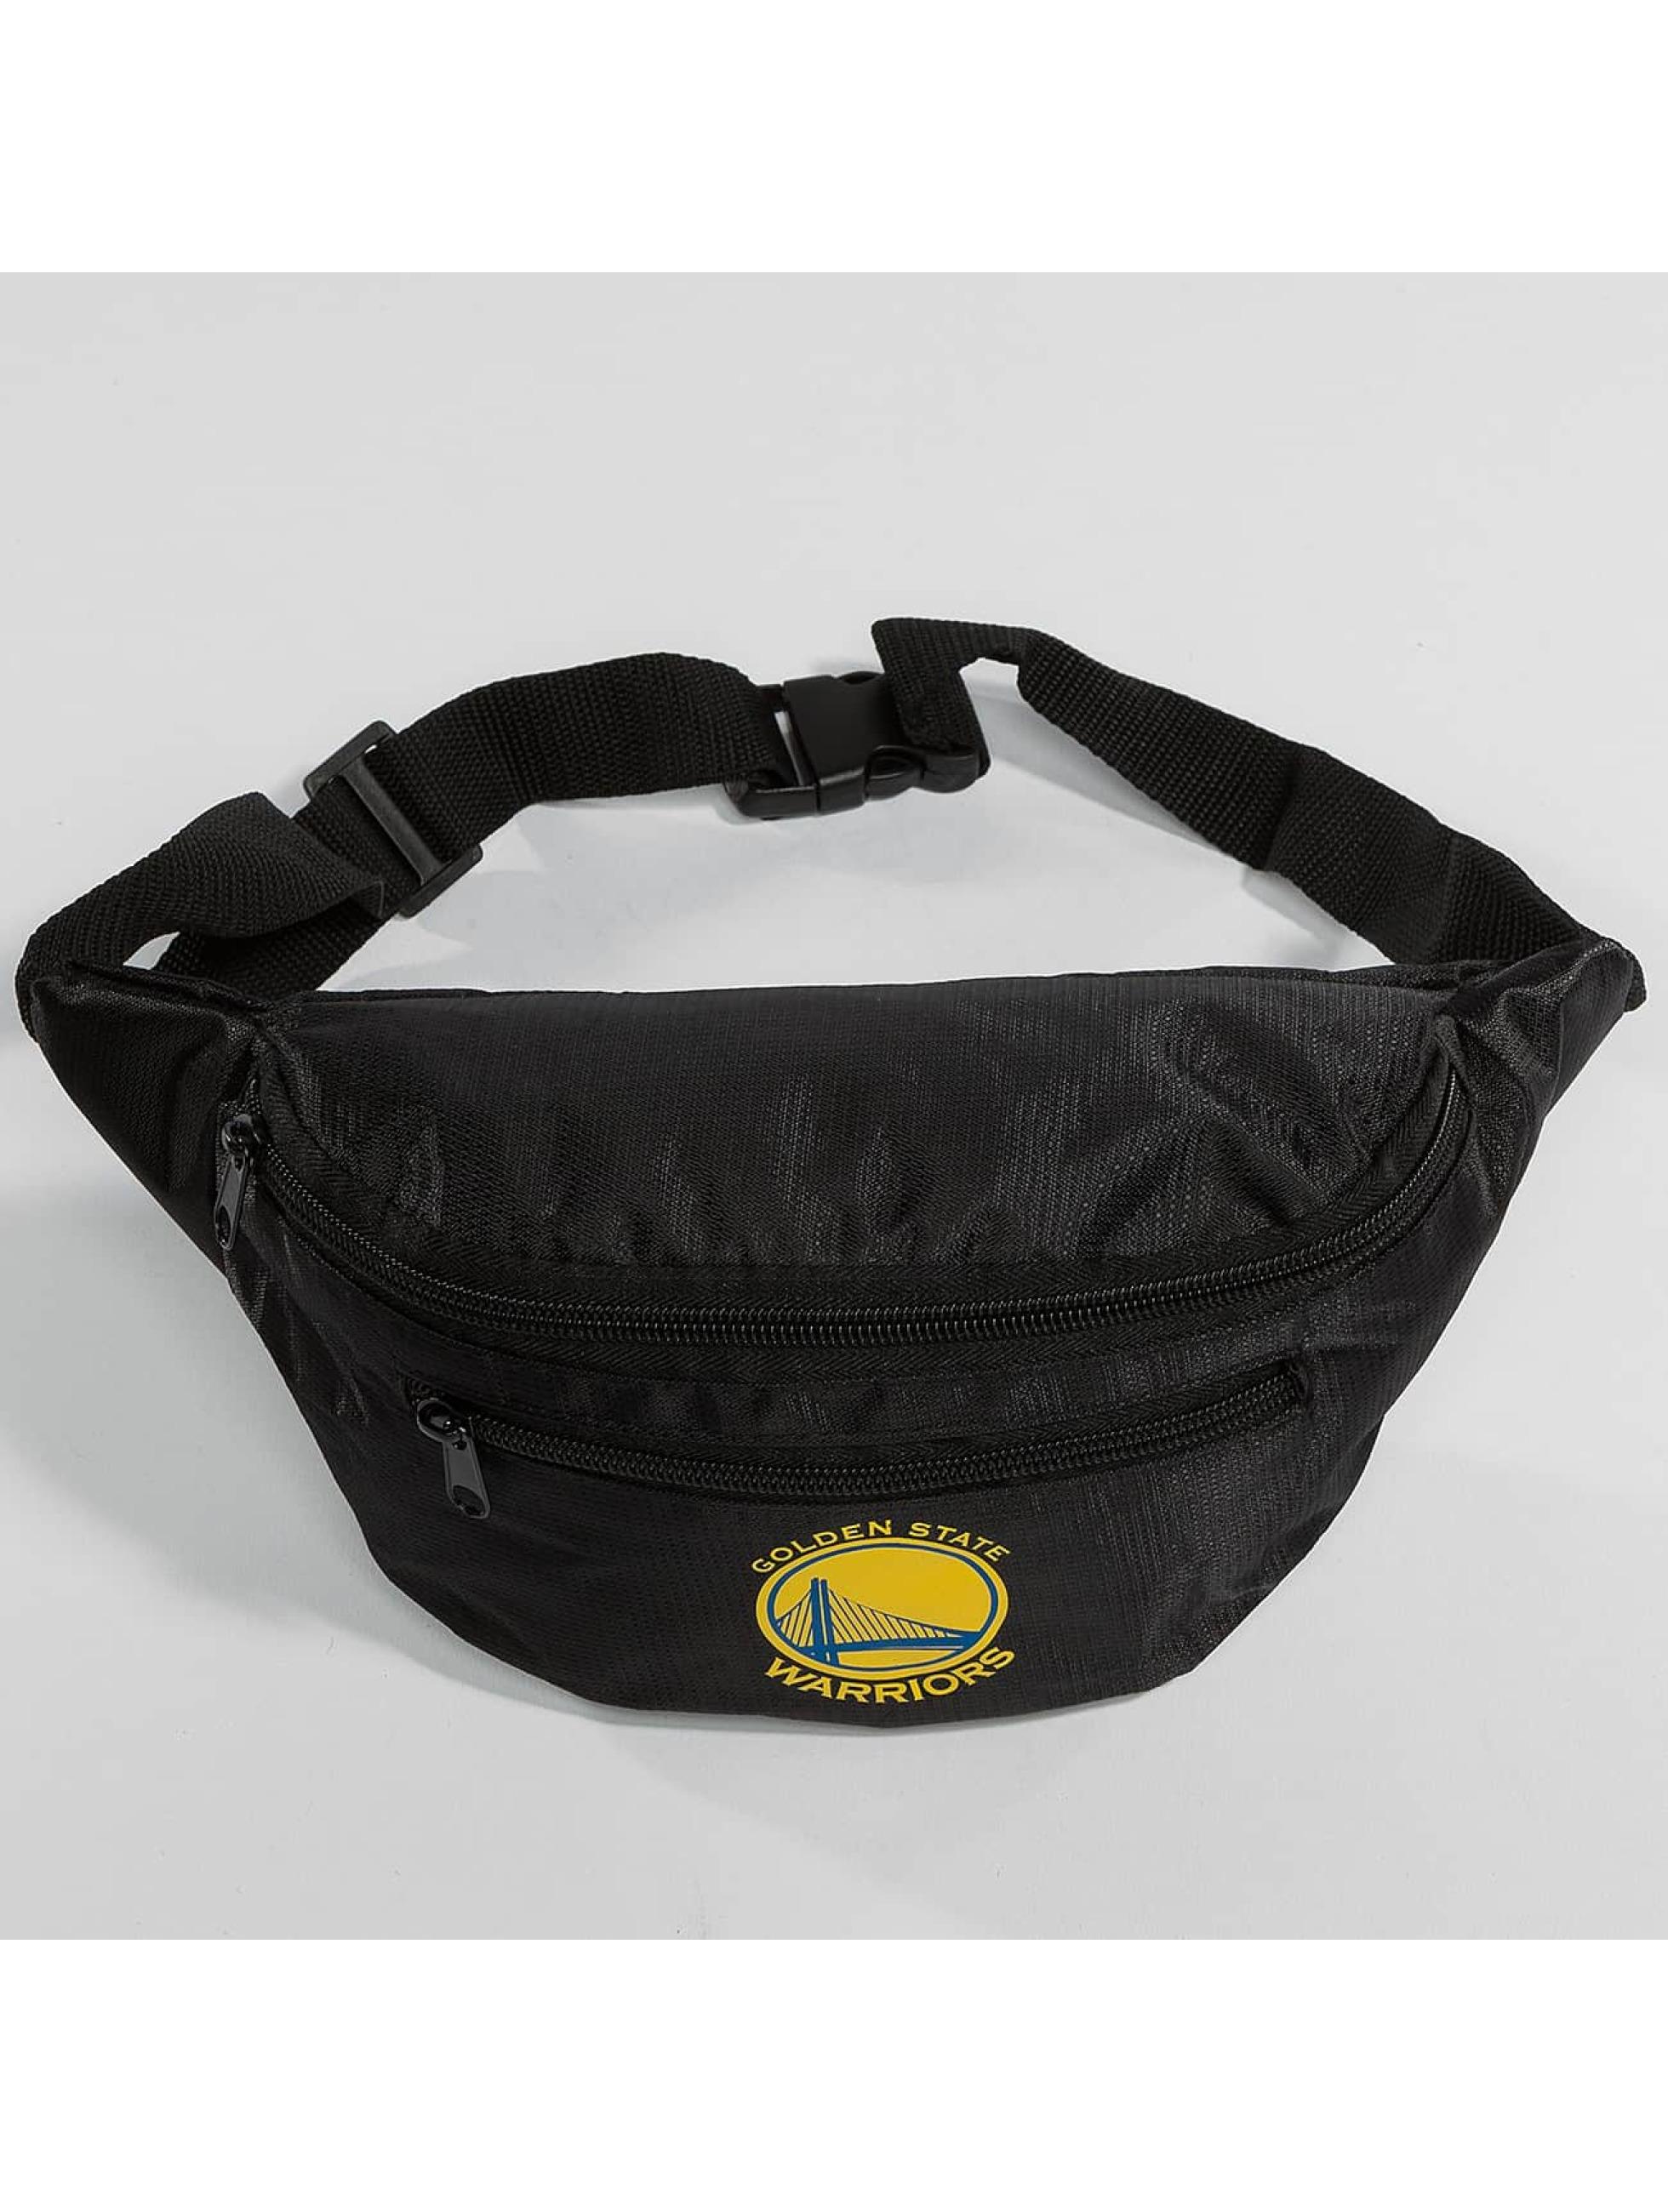 Forever Collectibles Taske/Sportstaske NBA Golden State Warriors sort